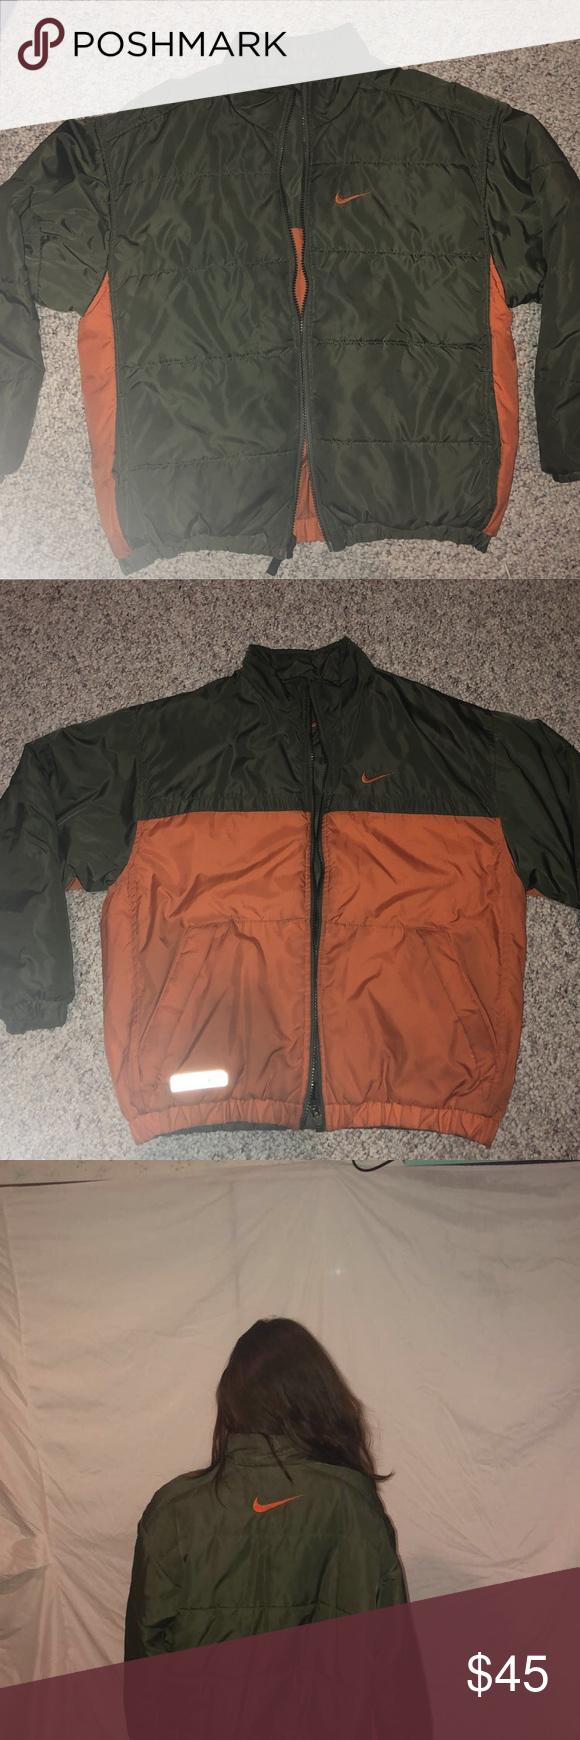 Nike Reversible Puffer Jacket In 2021 White Skechers Coats Jackets Women Nike Bomber Jacket [ 1740 x 580 Pixel ]